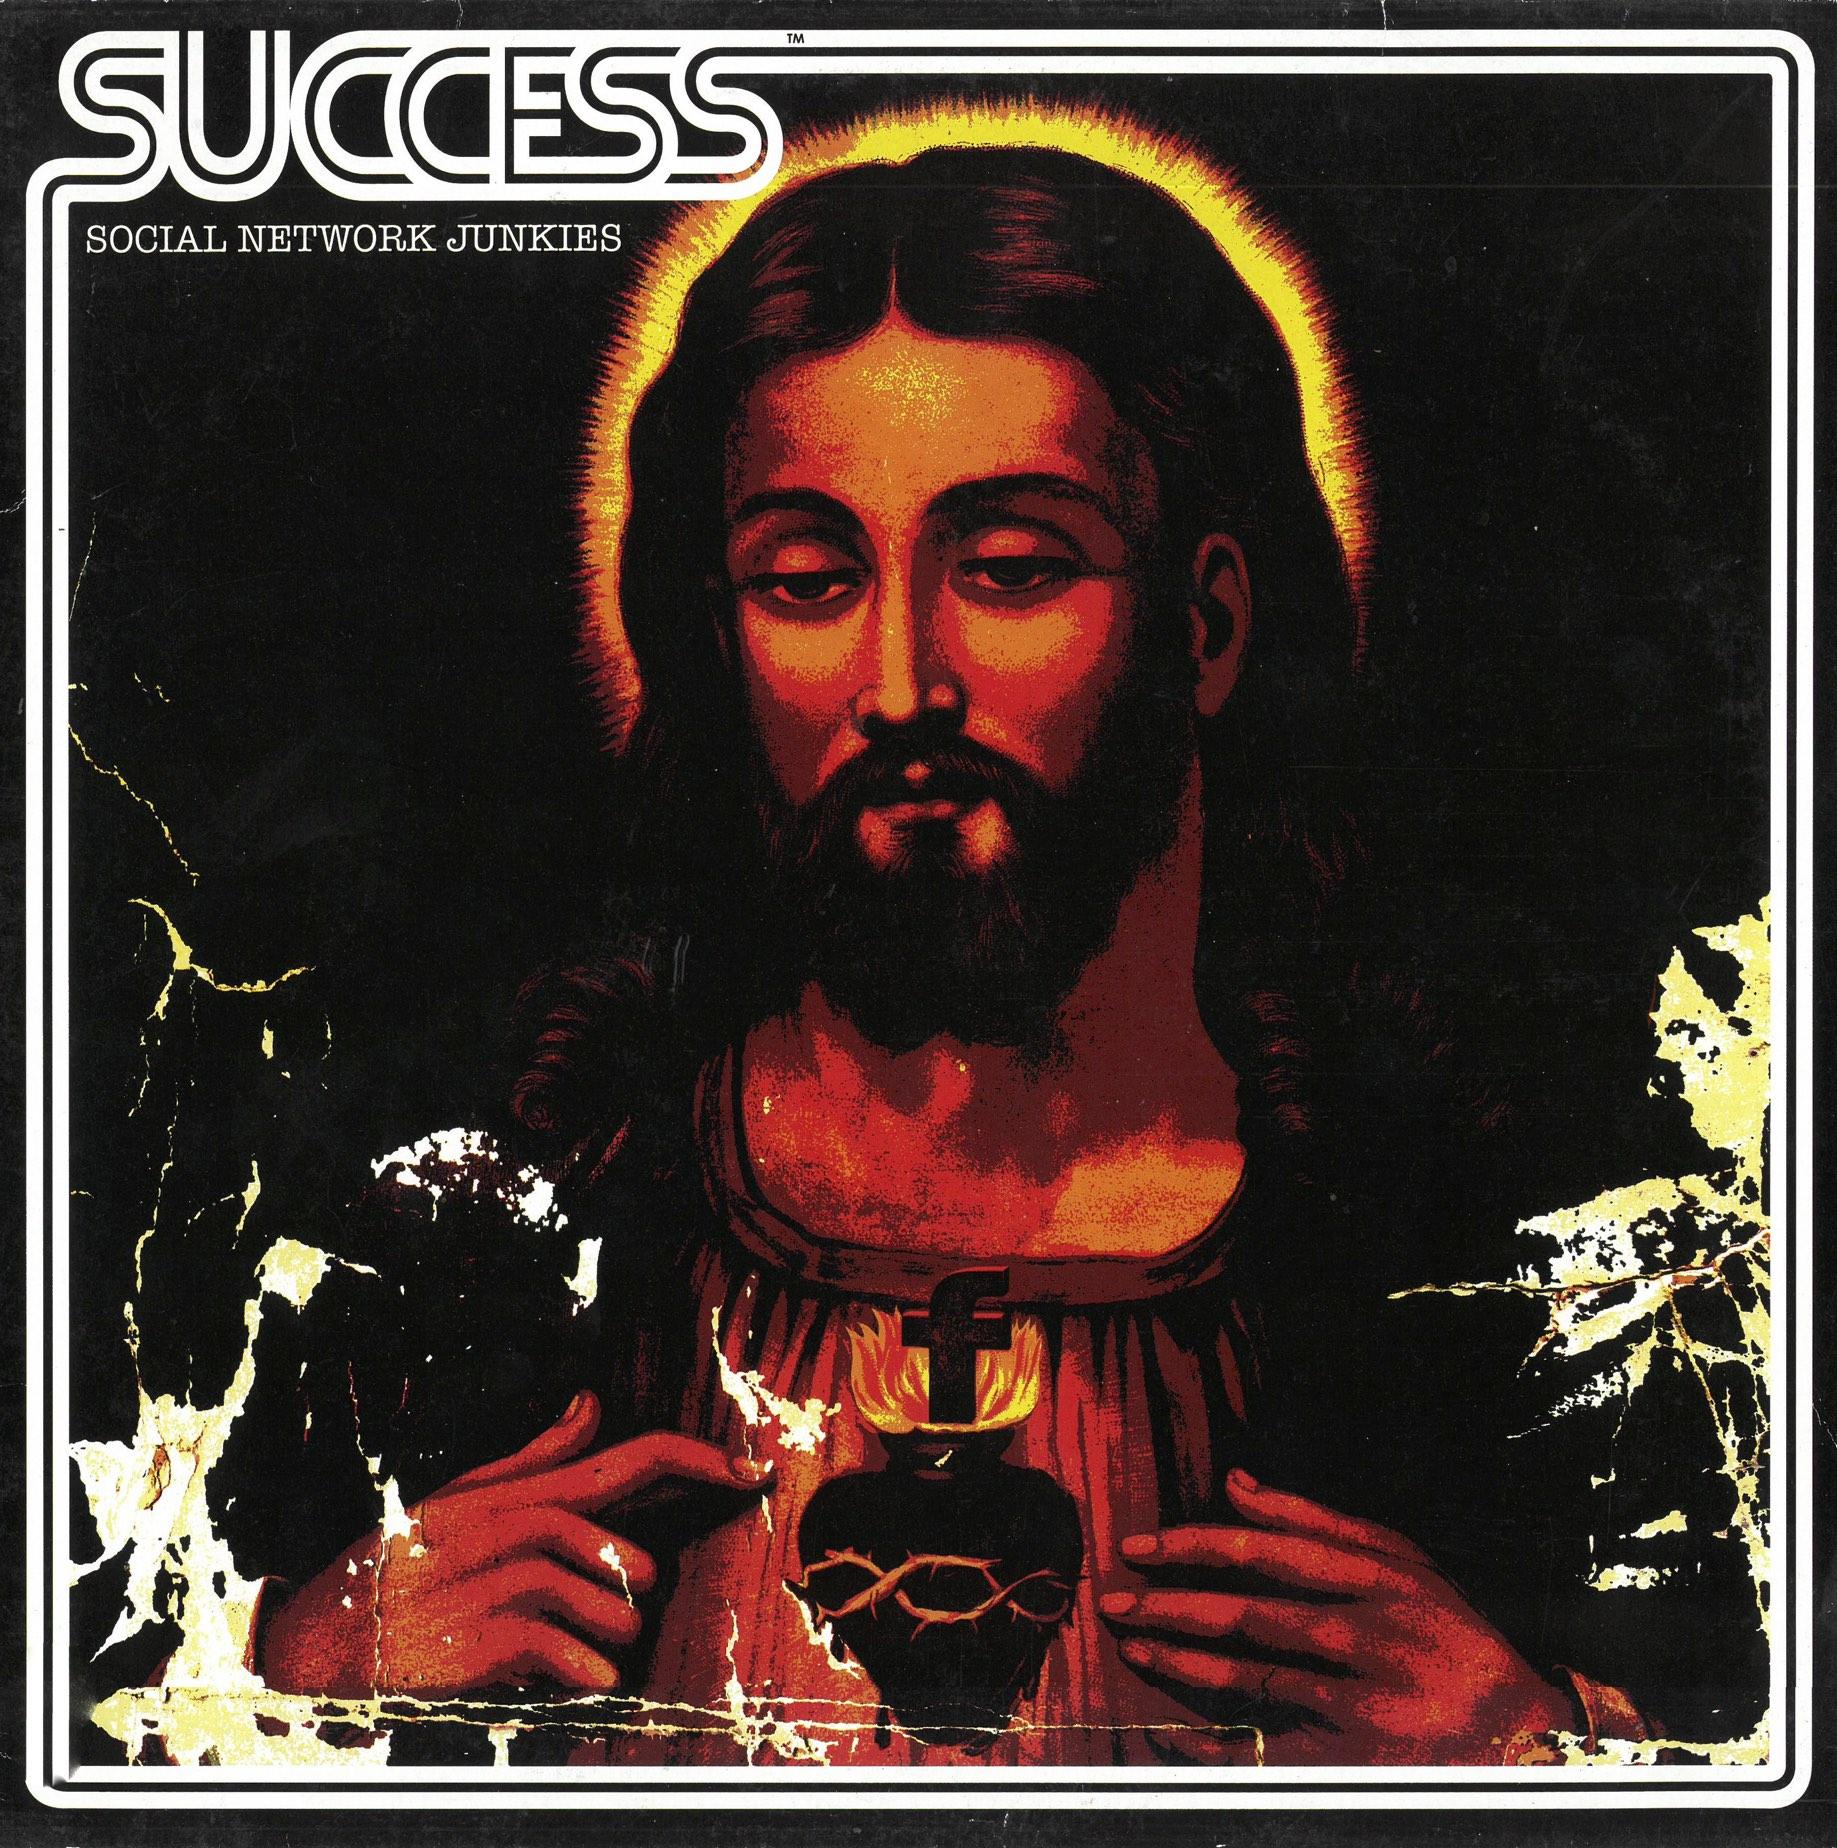 2008 - Success